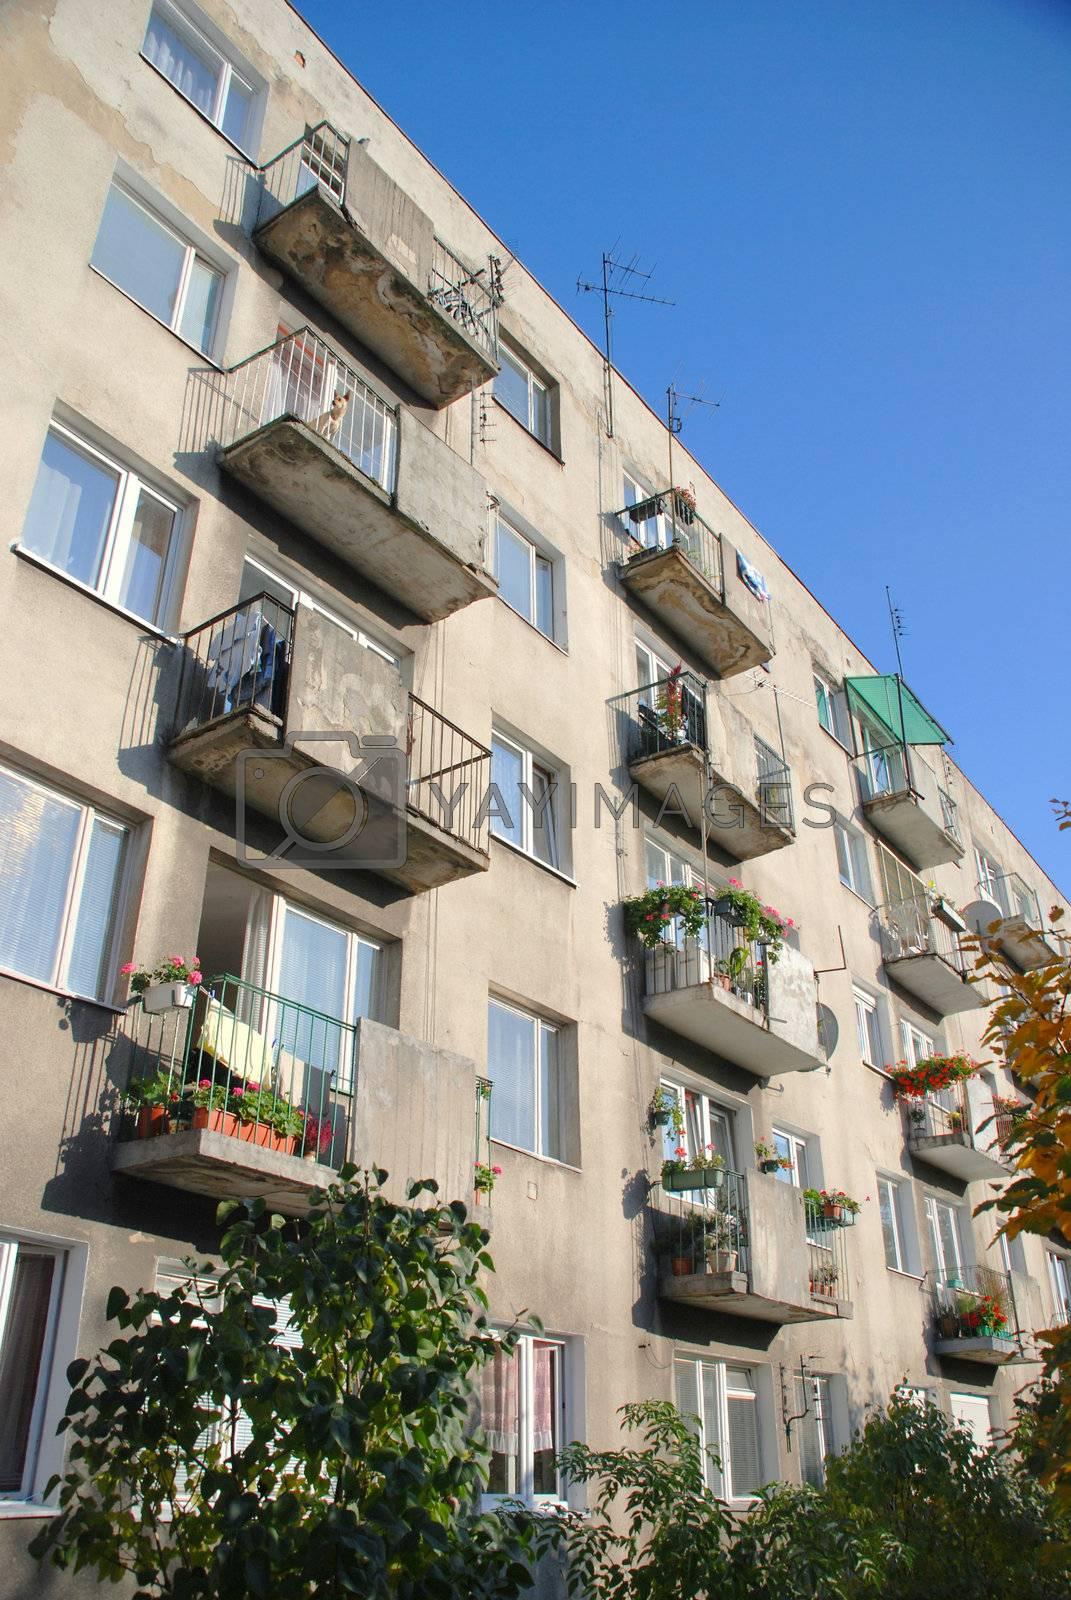 Royalty free image of Renovated balconies in multi-family building. Wroclaw. Poland. by wojciechkozlowski